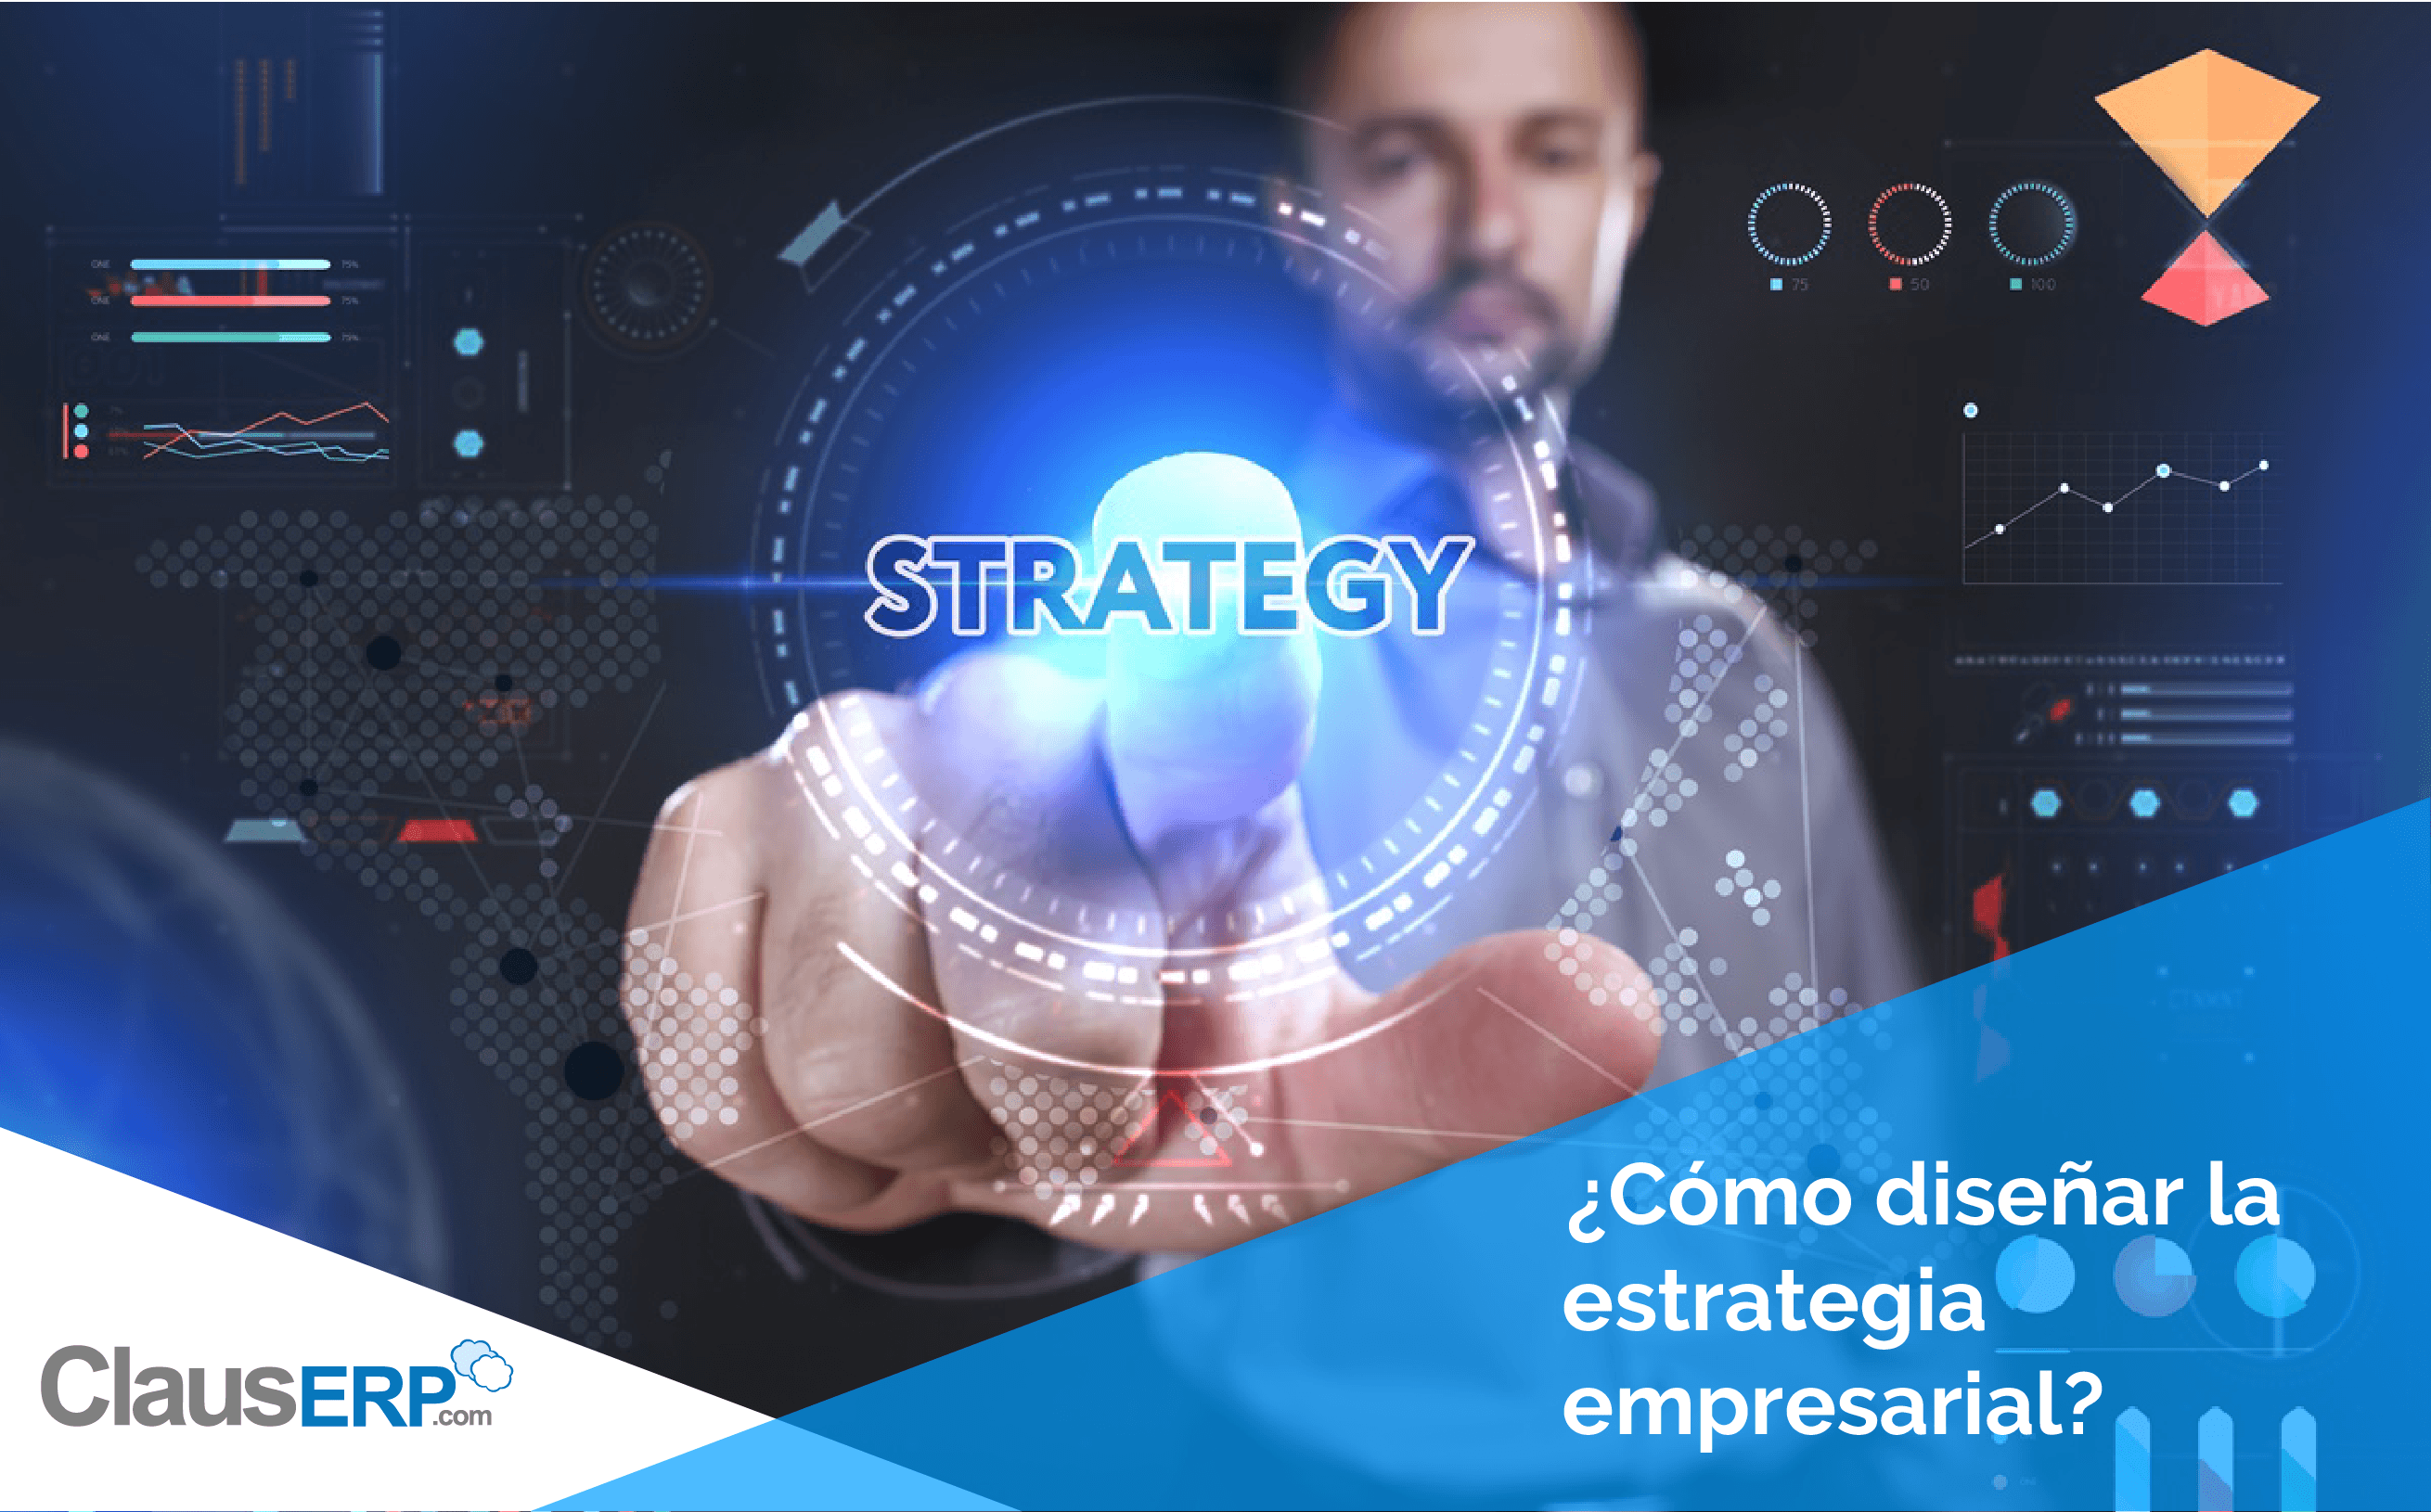 ¿Cómo diseñar la estrategia empresarial?